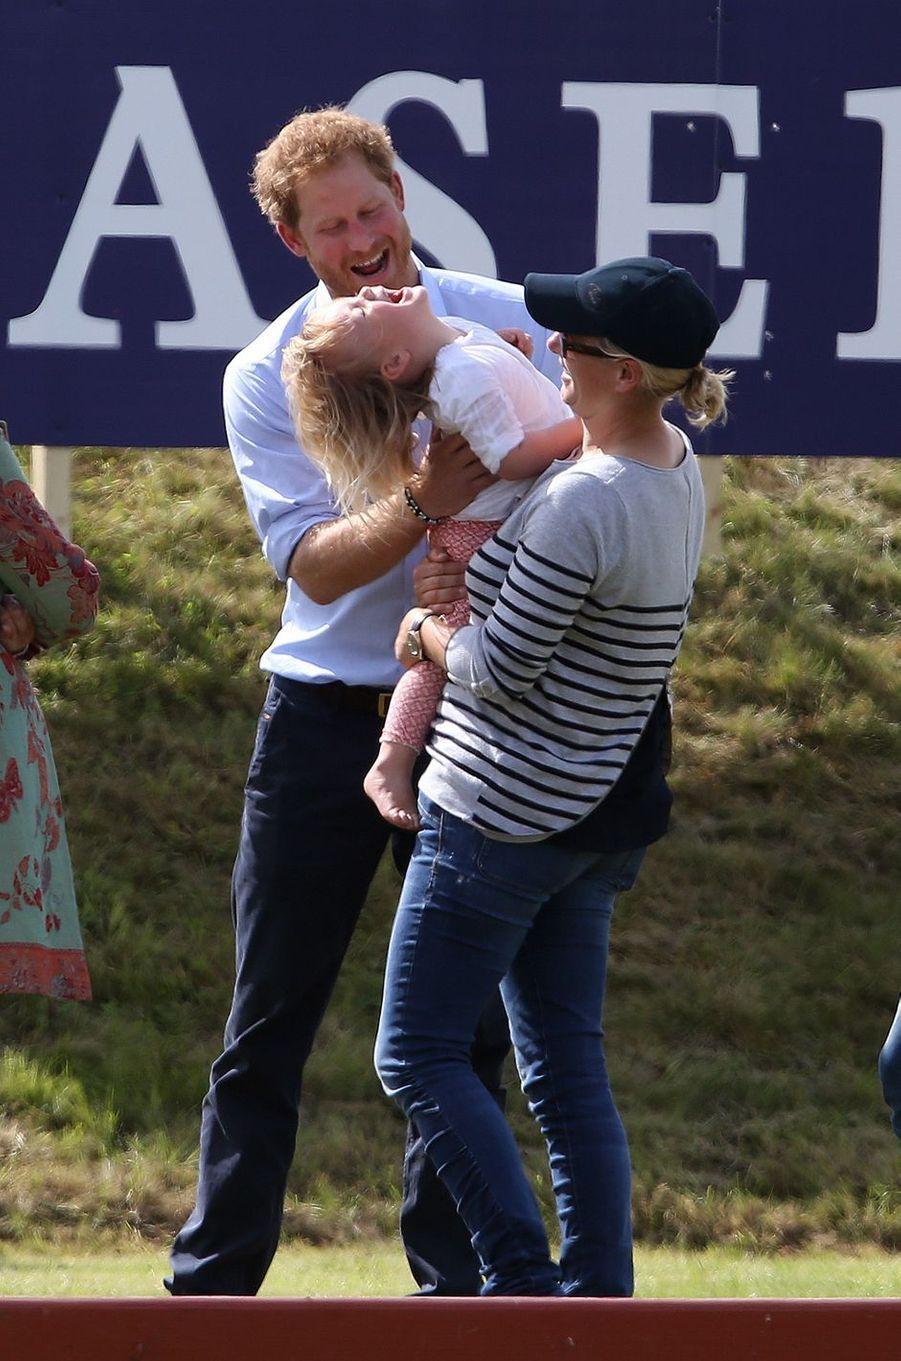 En attendant d'avoir ses propres enfants, le prince Harry ne manque pas de s'amuser avec ceux des autres. La preuve avec Mia Tindall, ce samedi 18 juin.